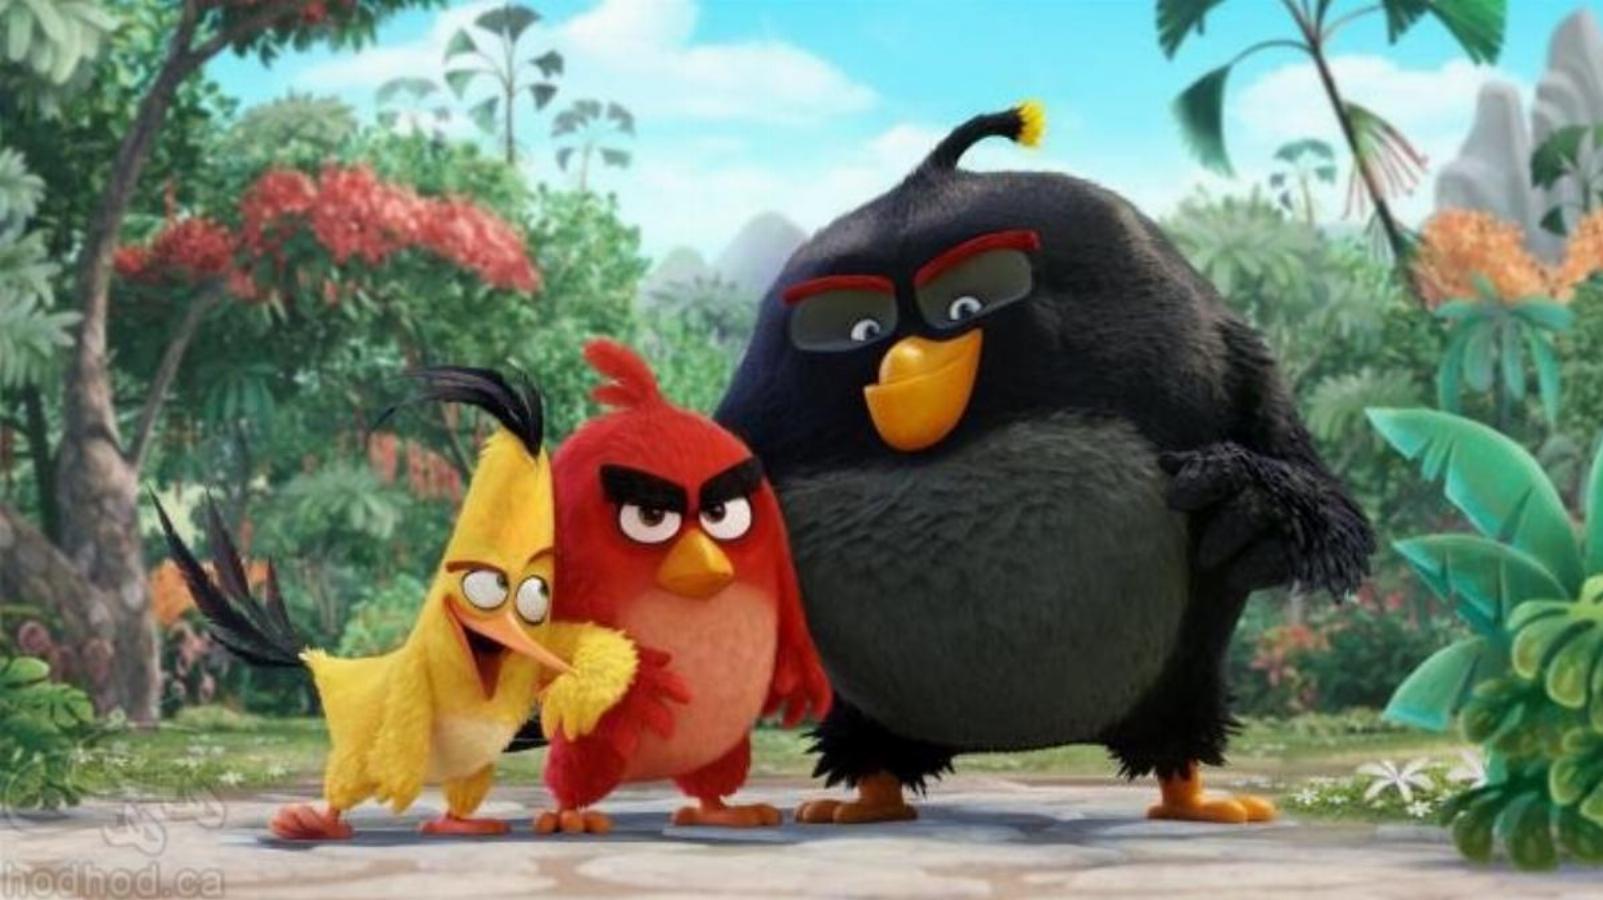 پرندگان خشمگین در صدر اخبار سینمایی لانه کرده اند